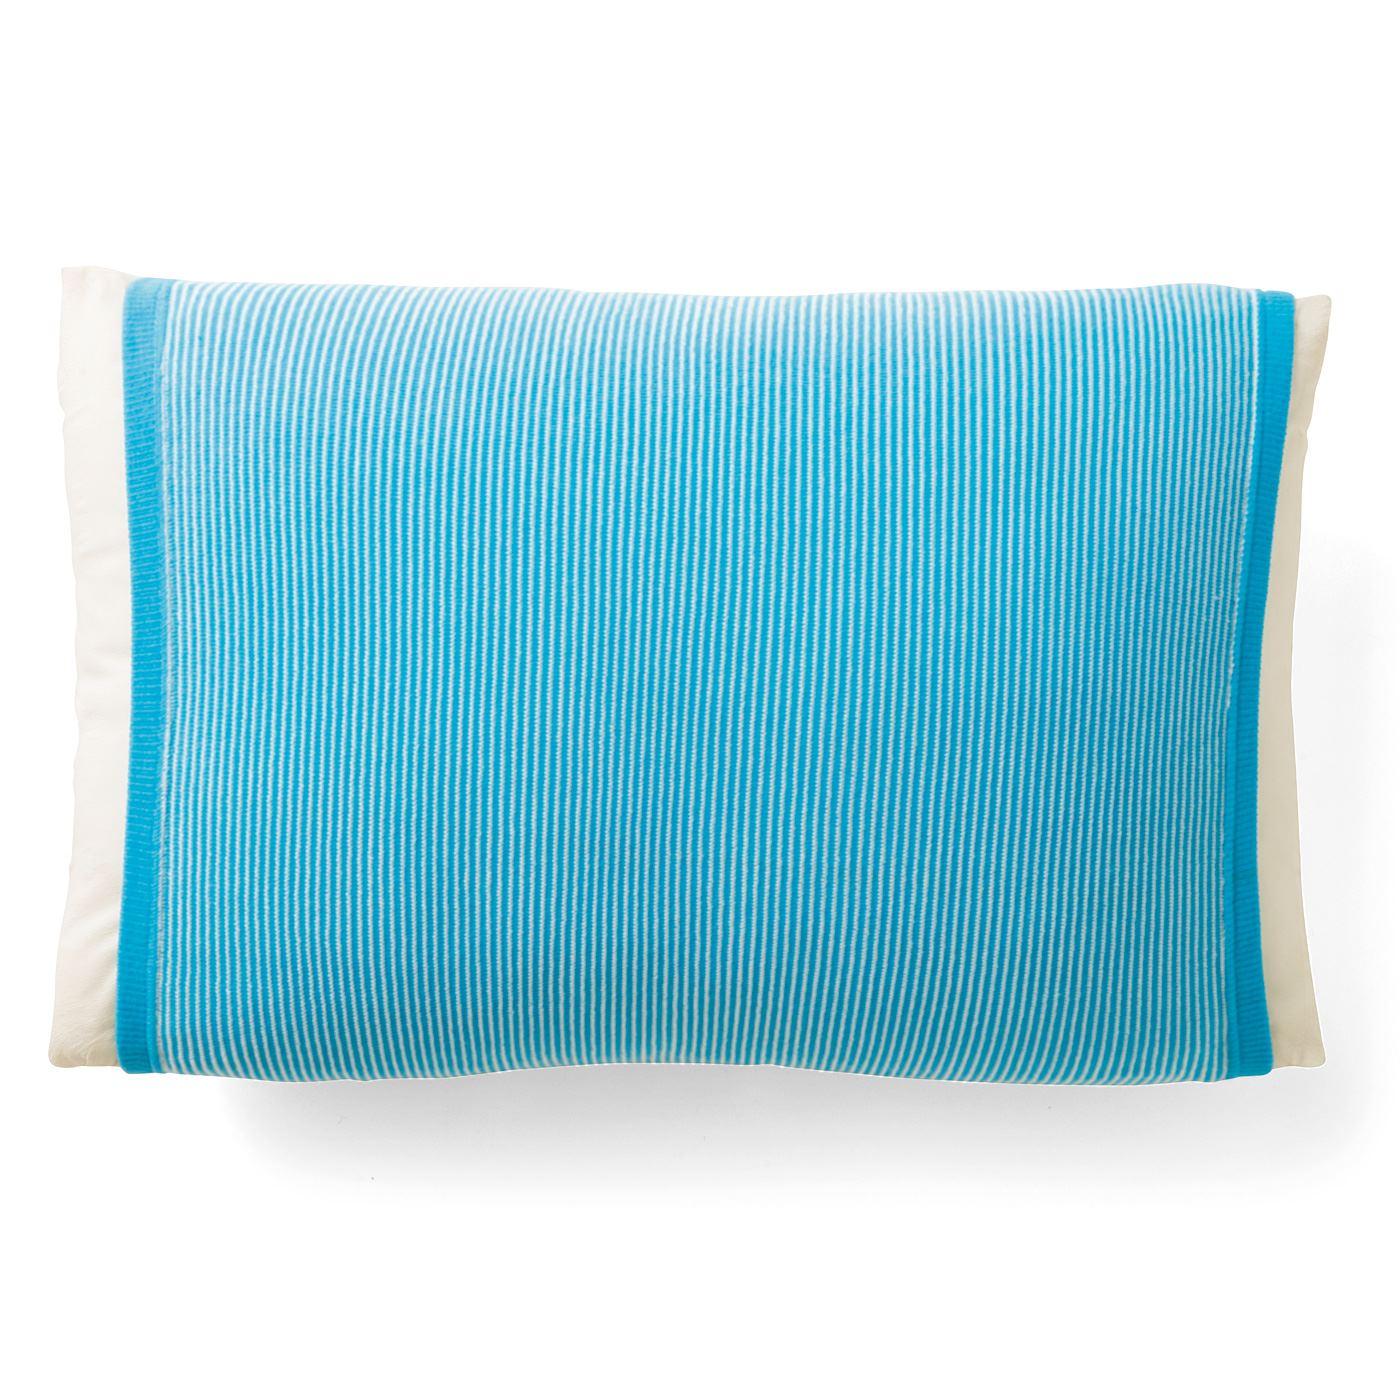 フェリシモ 丸ごと包んで快適 接触冷感 涼やか色のボーダー枕カバーの会